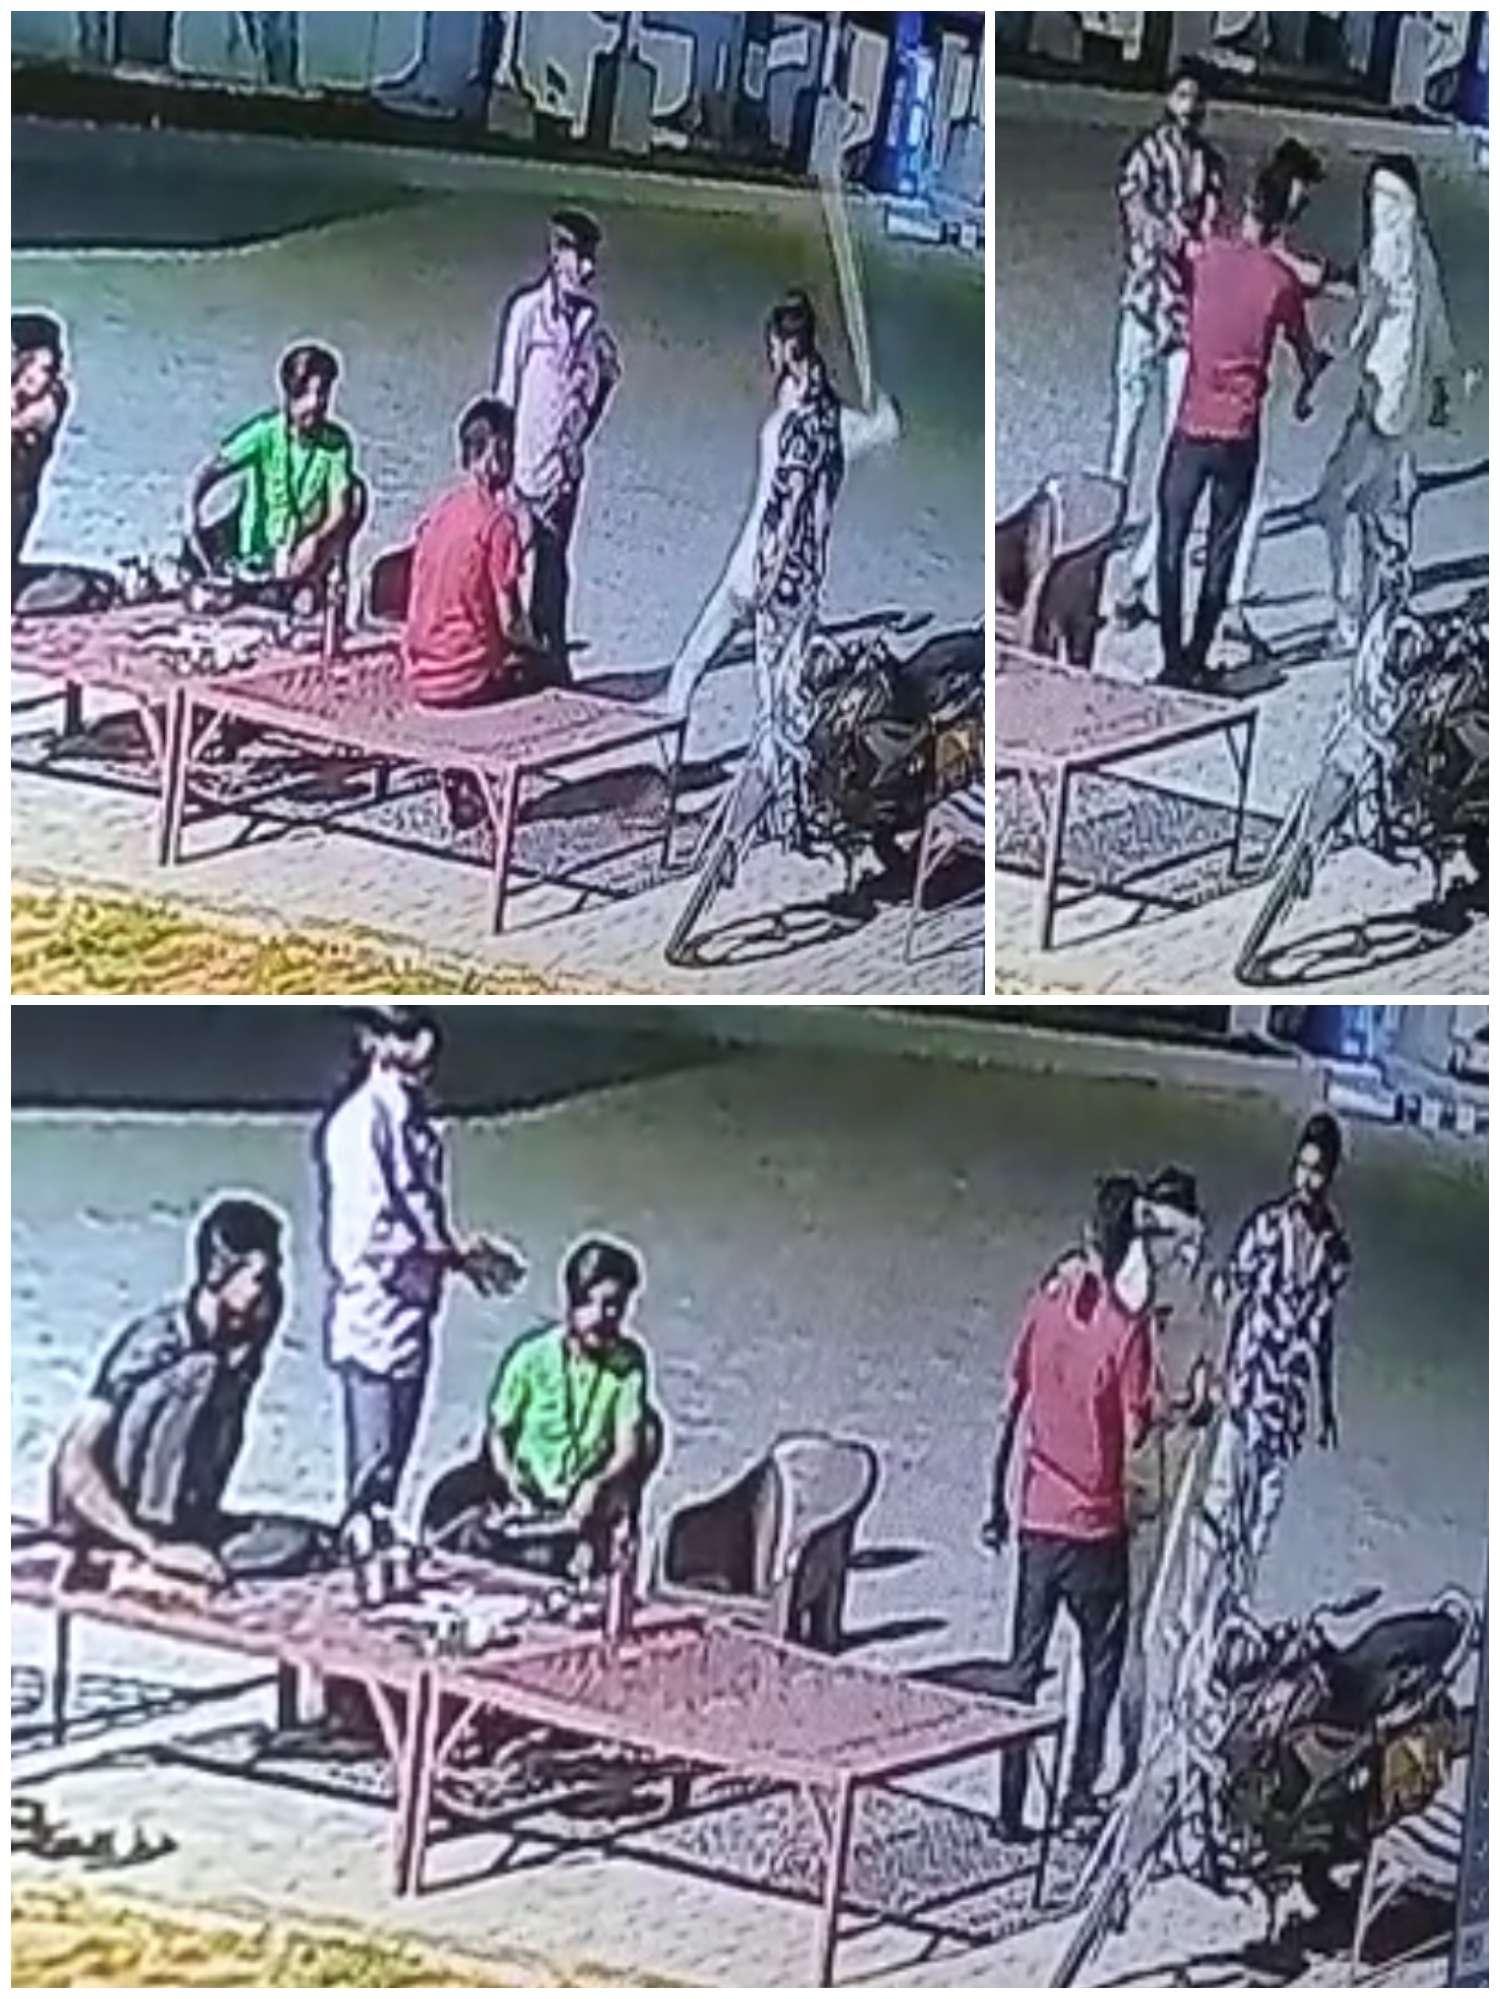 VIDEO रेड अलर्ट जन अनुशासन पखवाड़े के पहले ही दिन पेट्रोल पंप पर लूट की कोशिश, मशीनें तोड़ी, कर्मचारियों पर किया हमला